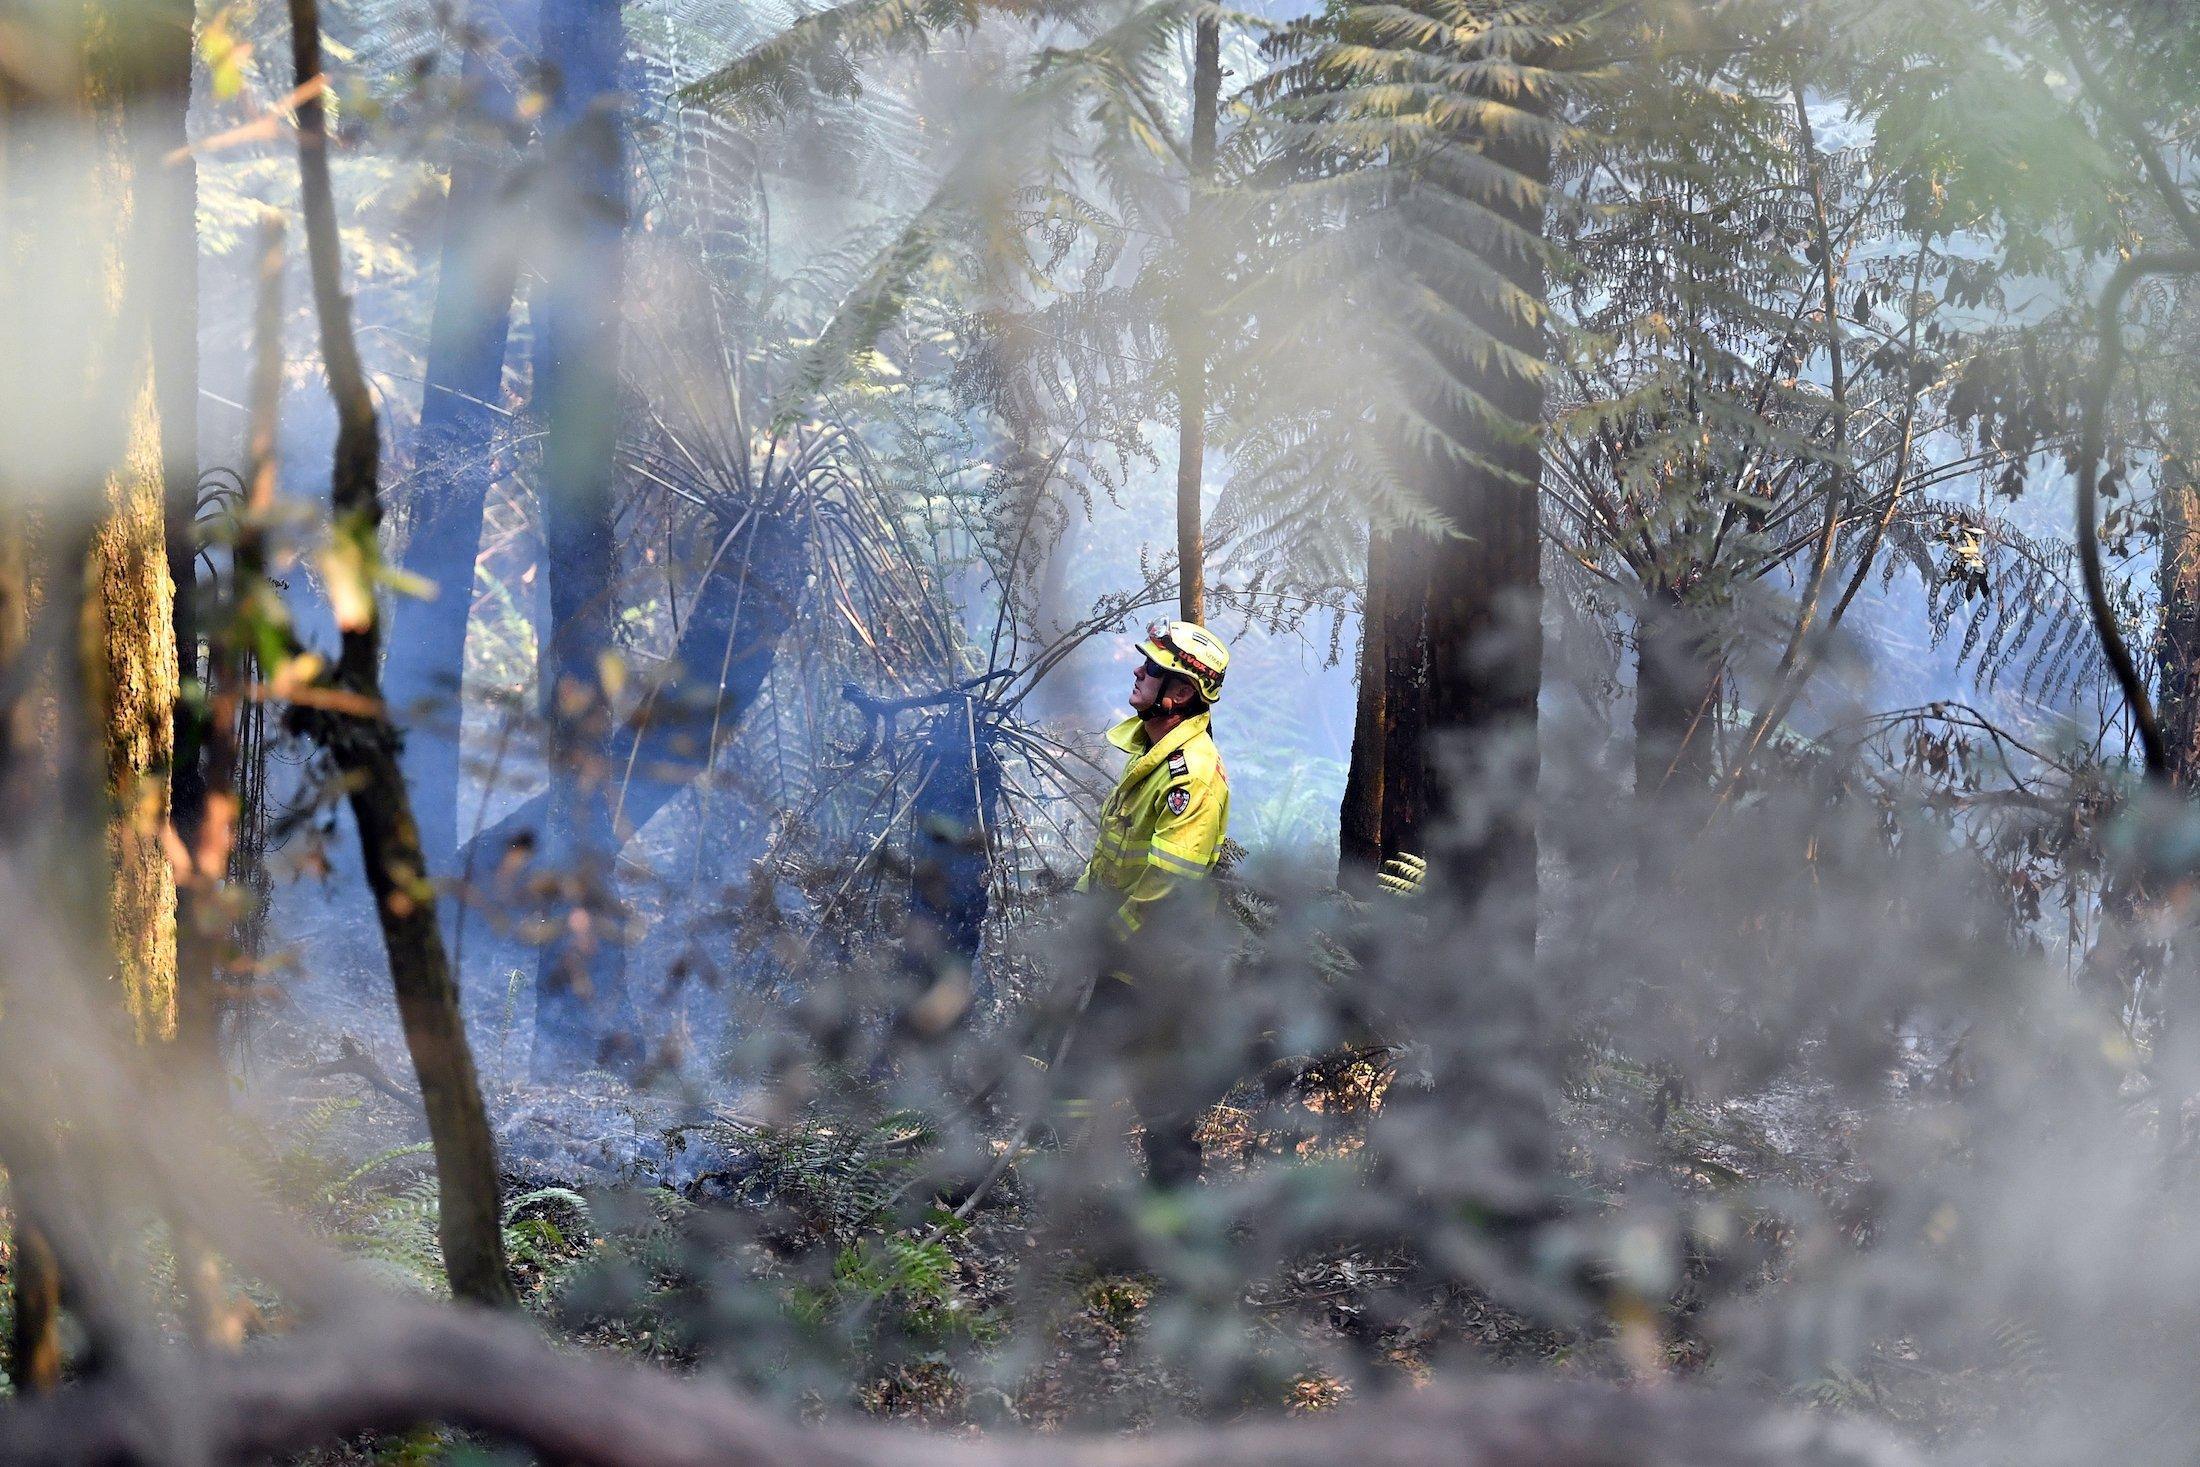 Ein Feuerwehrmann steht mit fragendem Blick in einem verrauchten Wald.